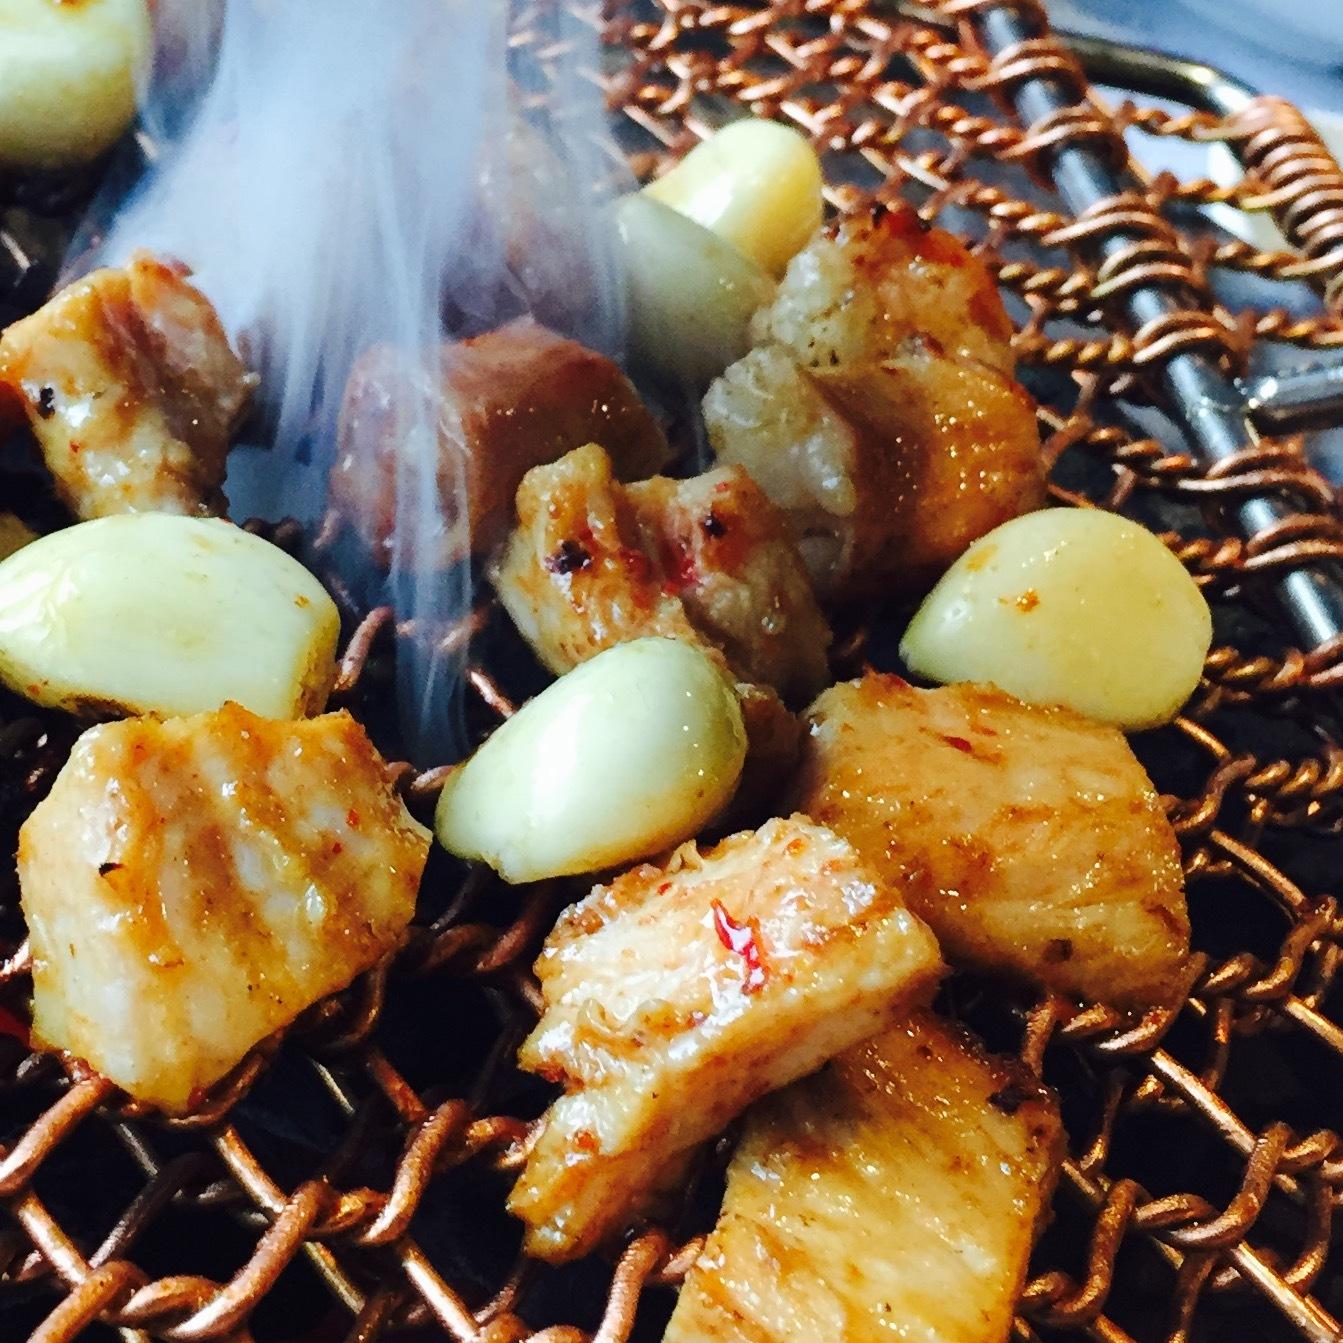 ソウル旅行 24 何度でも食べたい絶品ホルモン「オバルタン」_f0054260_17154067.jpg